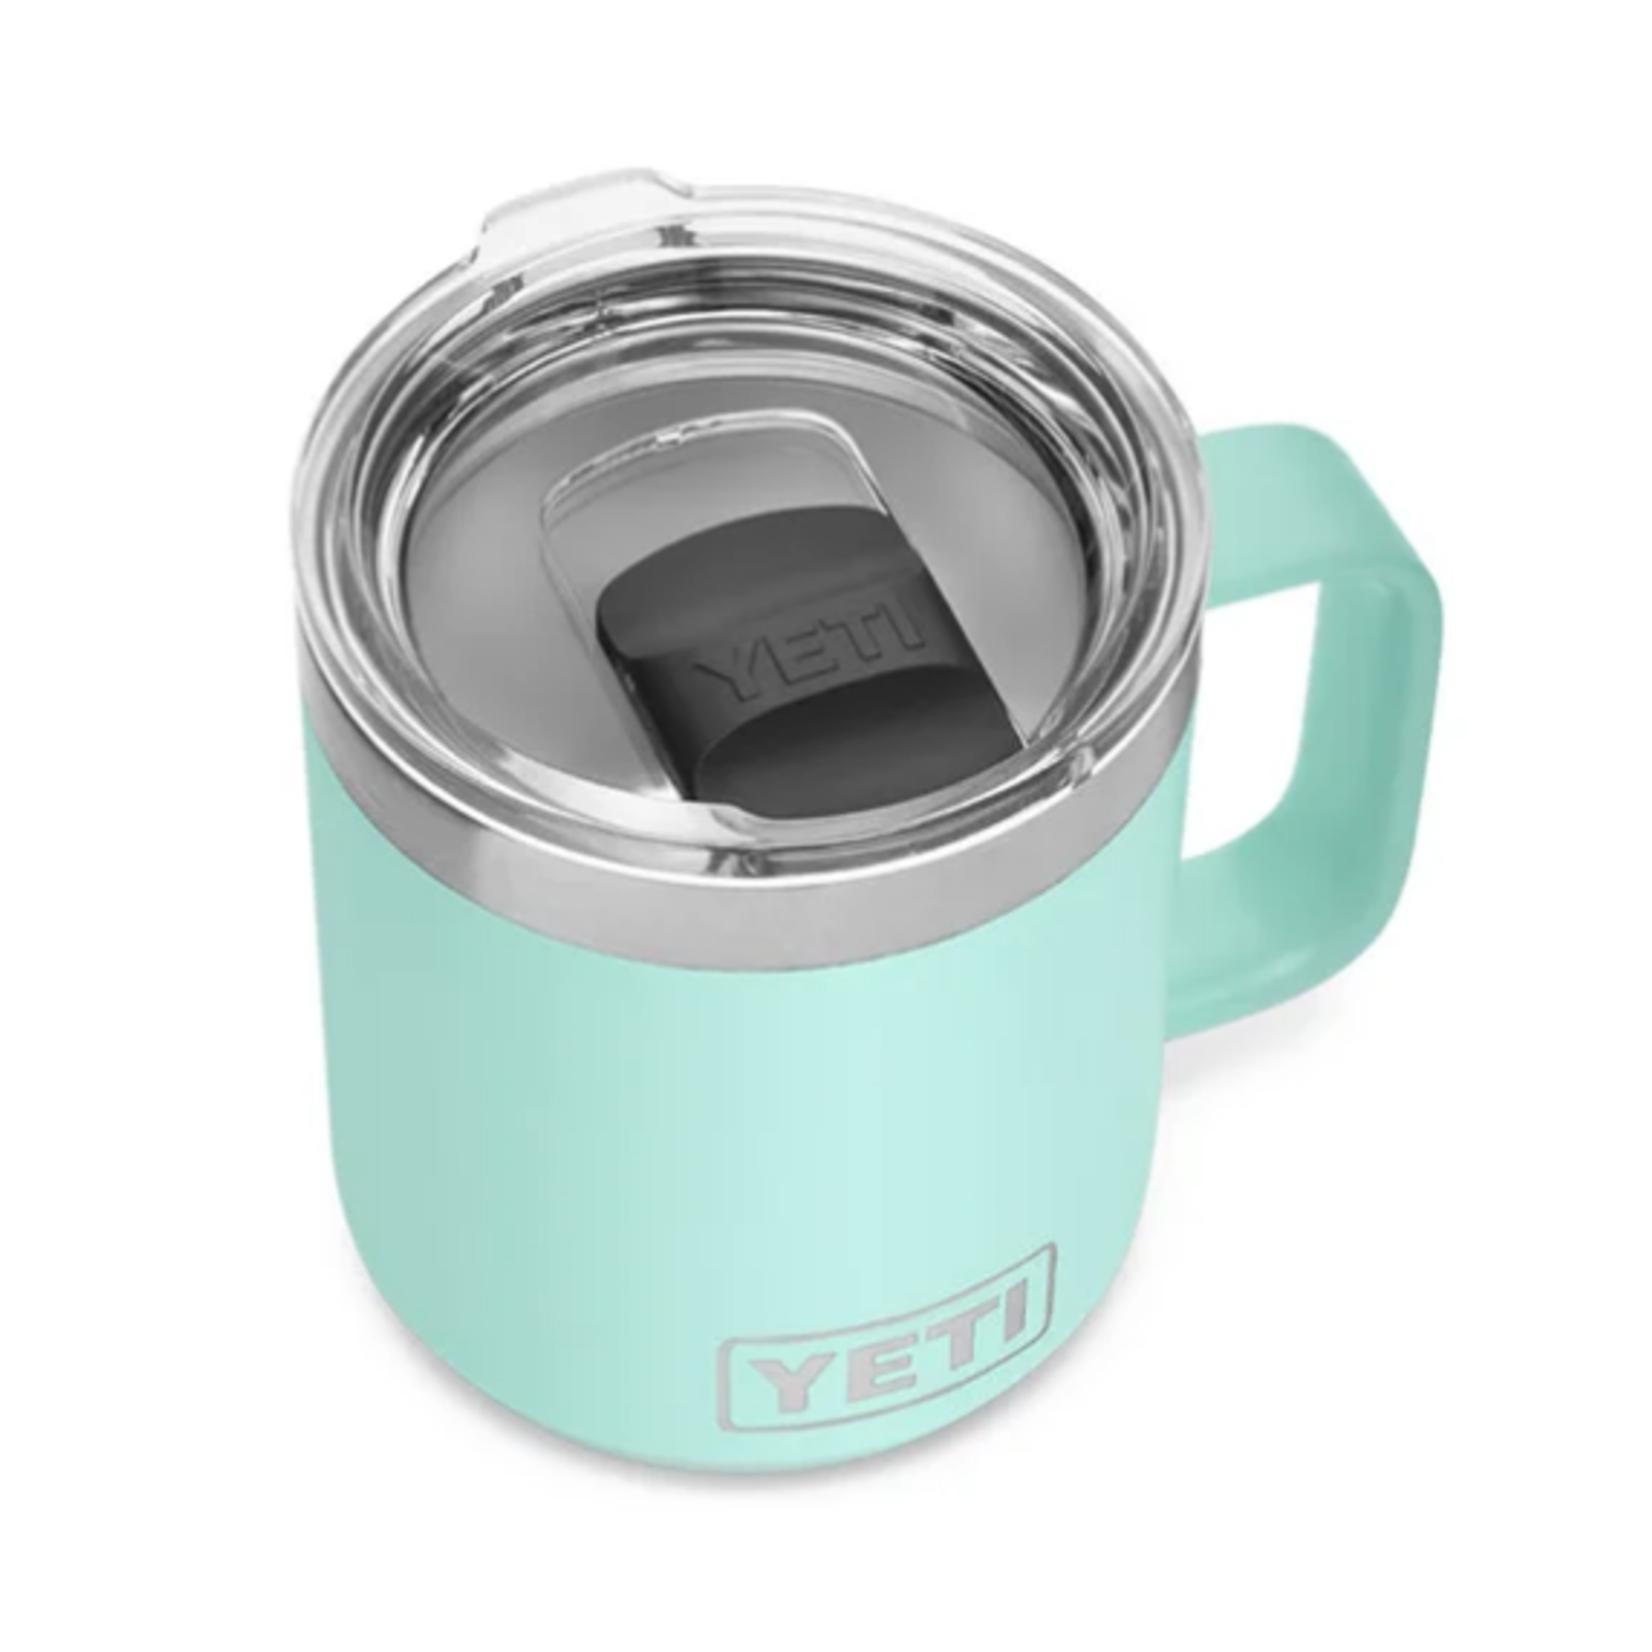 Yeti Yeti Rambler 10 oz Mug w/ Magslider